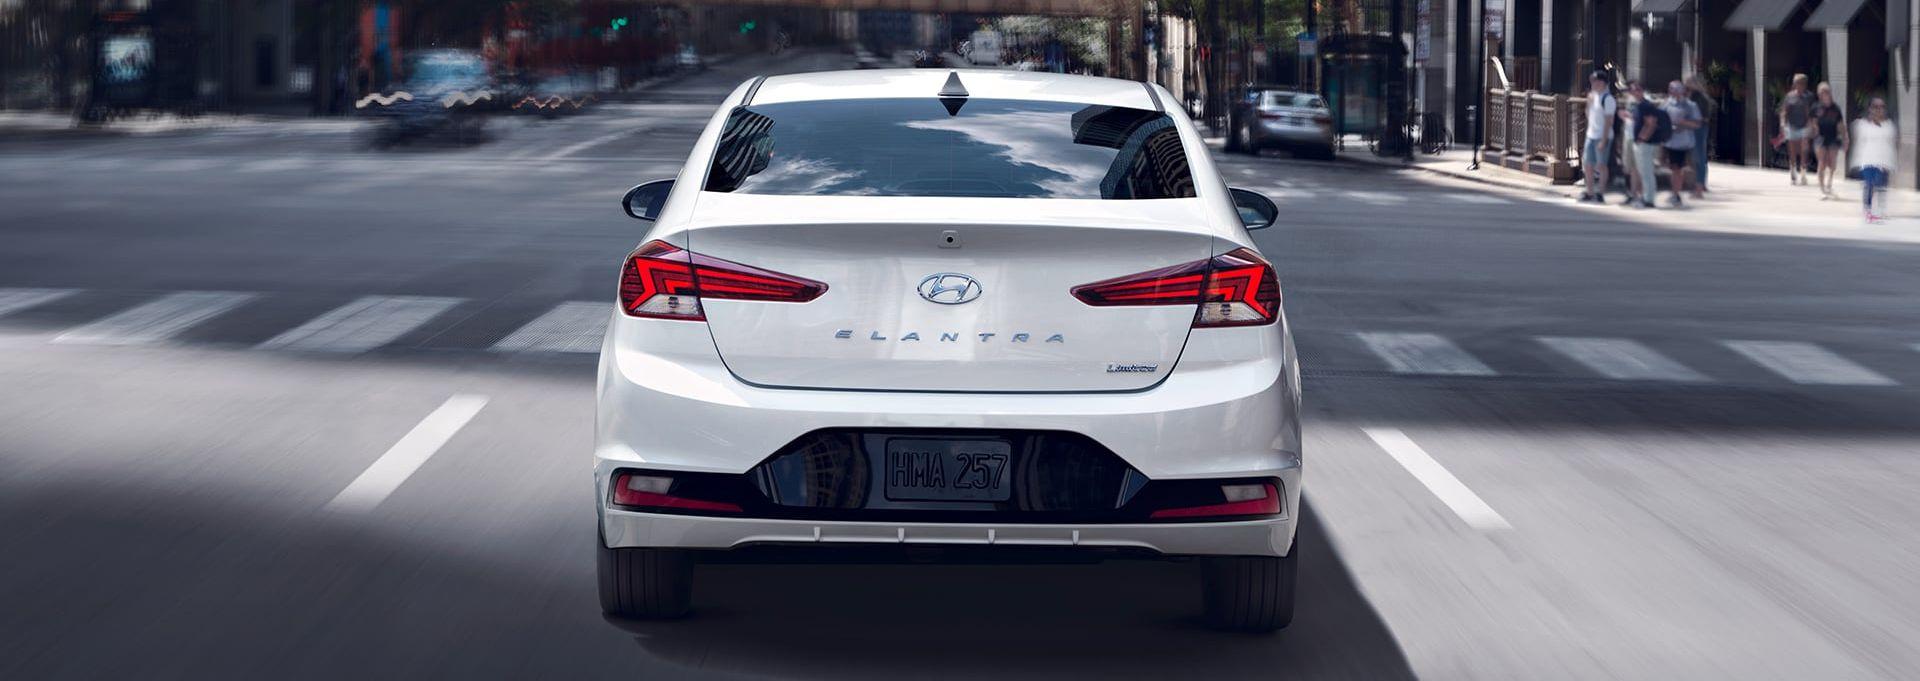 2019 Hyundai Elantra Leasing near Arlington, VA